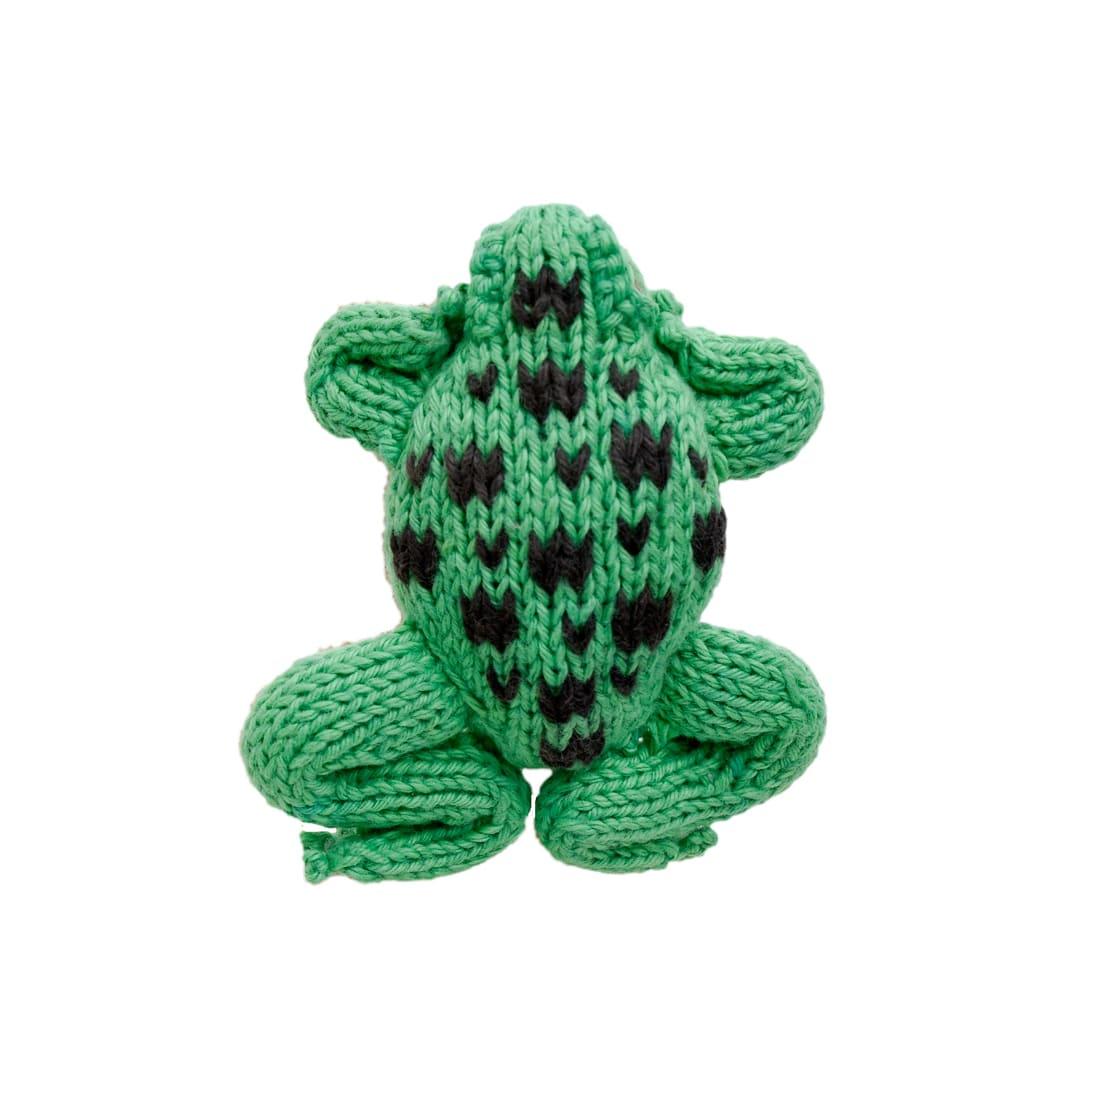 UKP201G Frog